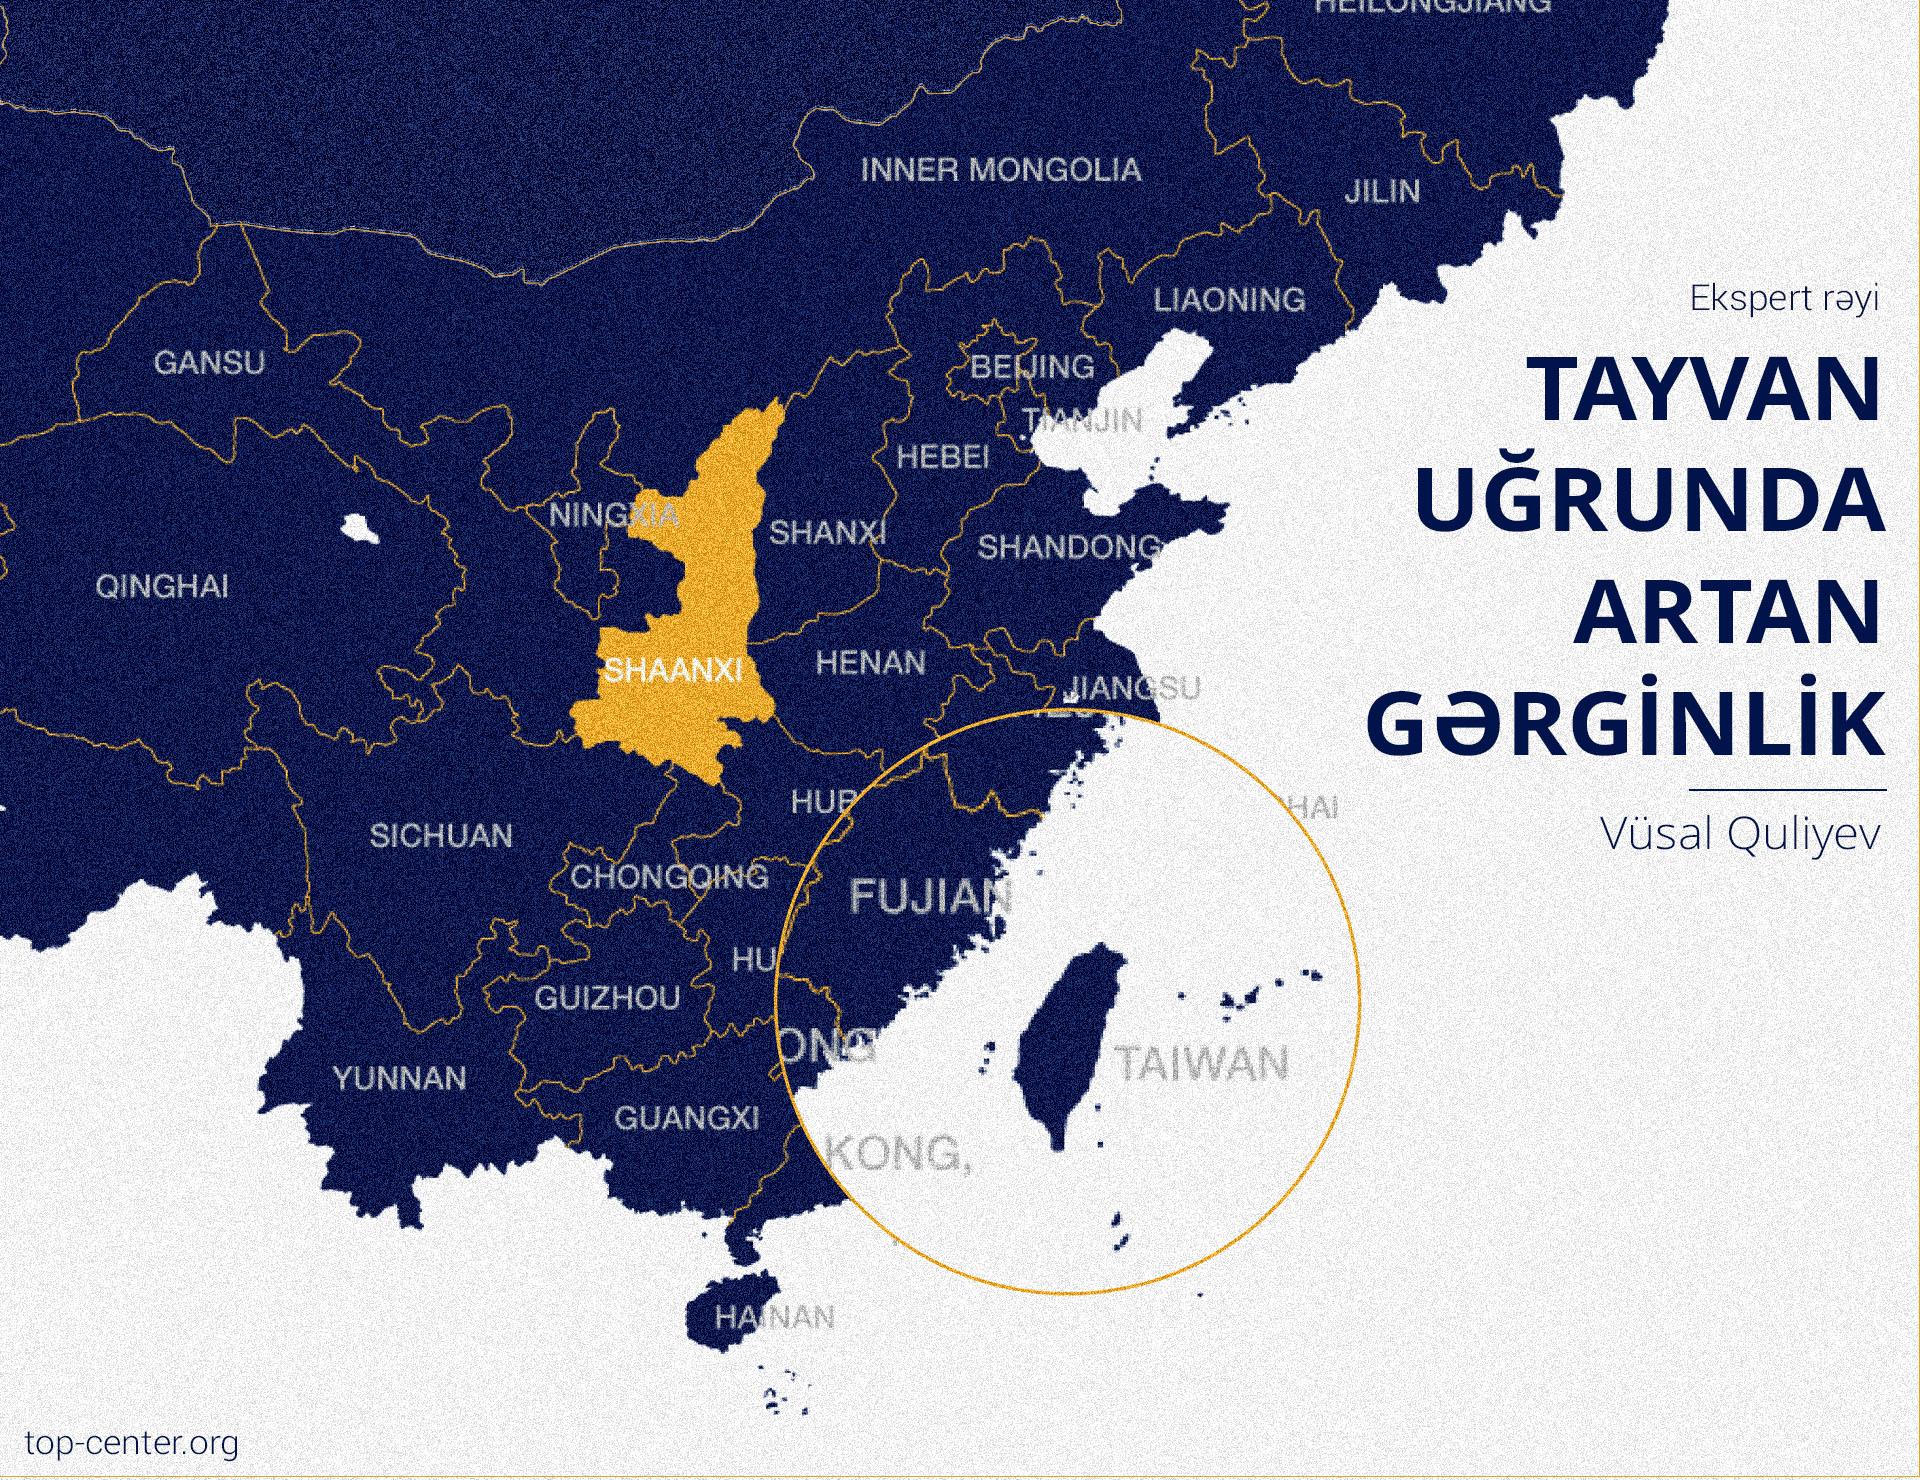 Tayvan uğrunda artan gərginlik